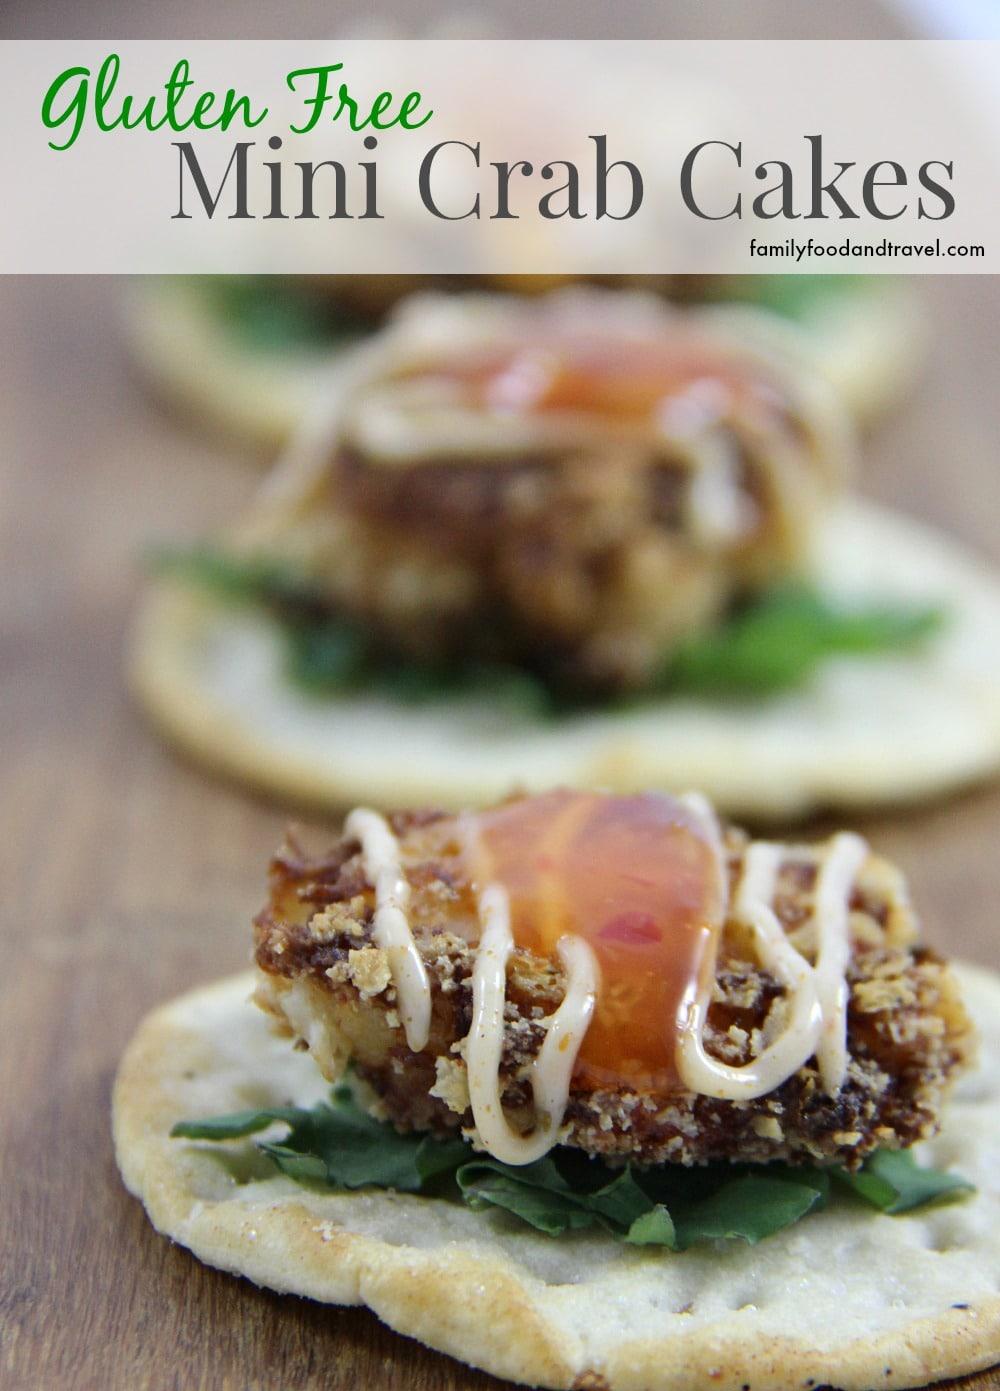 Gluten Free Mini Crab Cakes